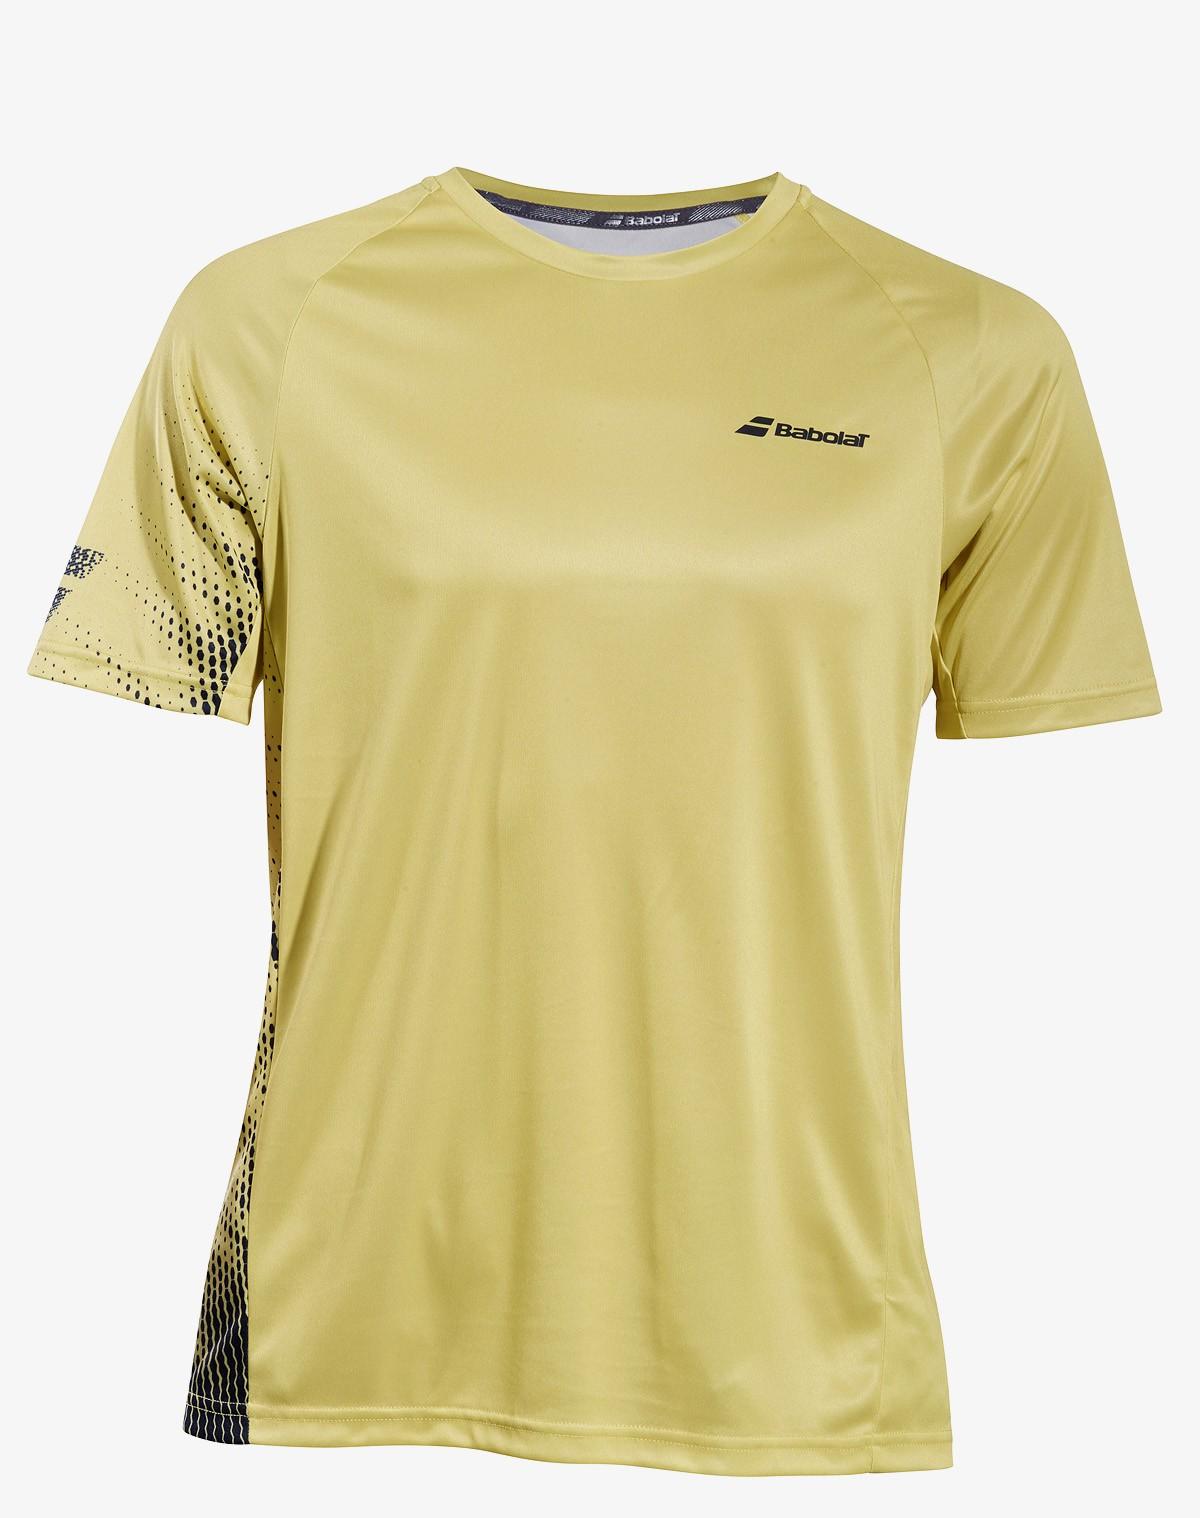 Koszulka tenisowa Babolat PERF T-shirt Dark Yellow -45%